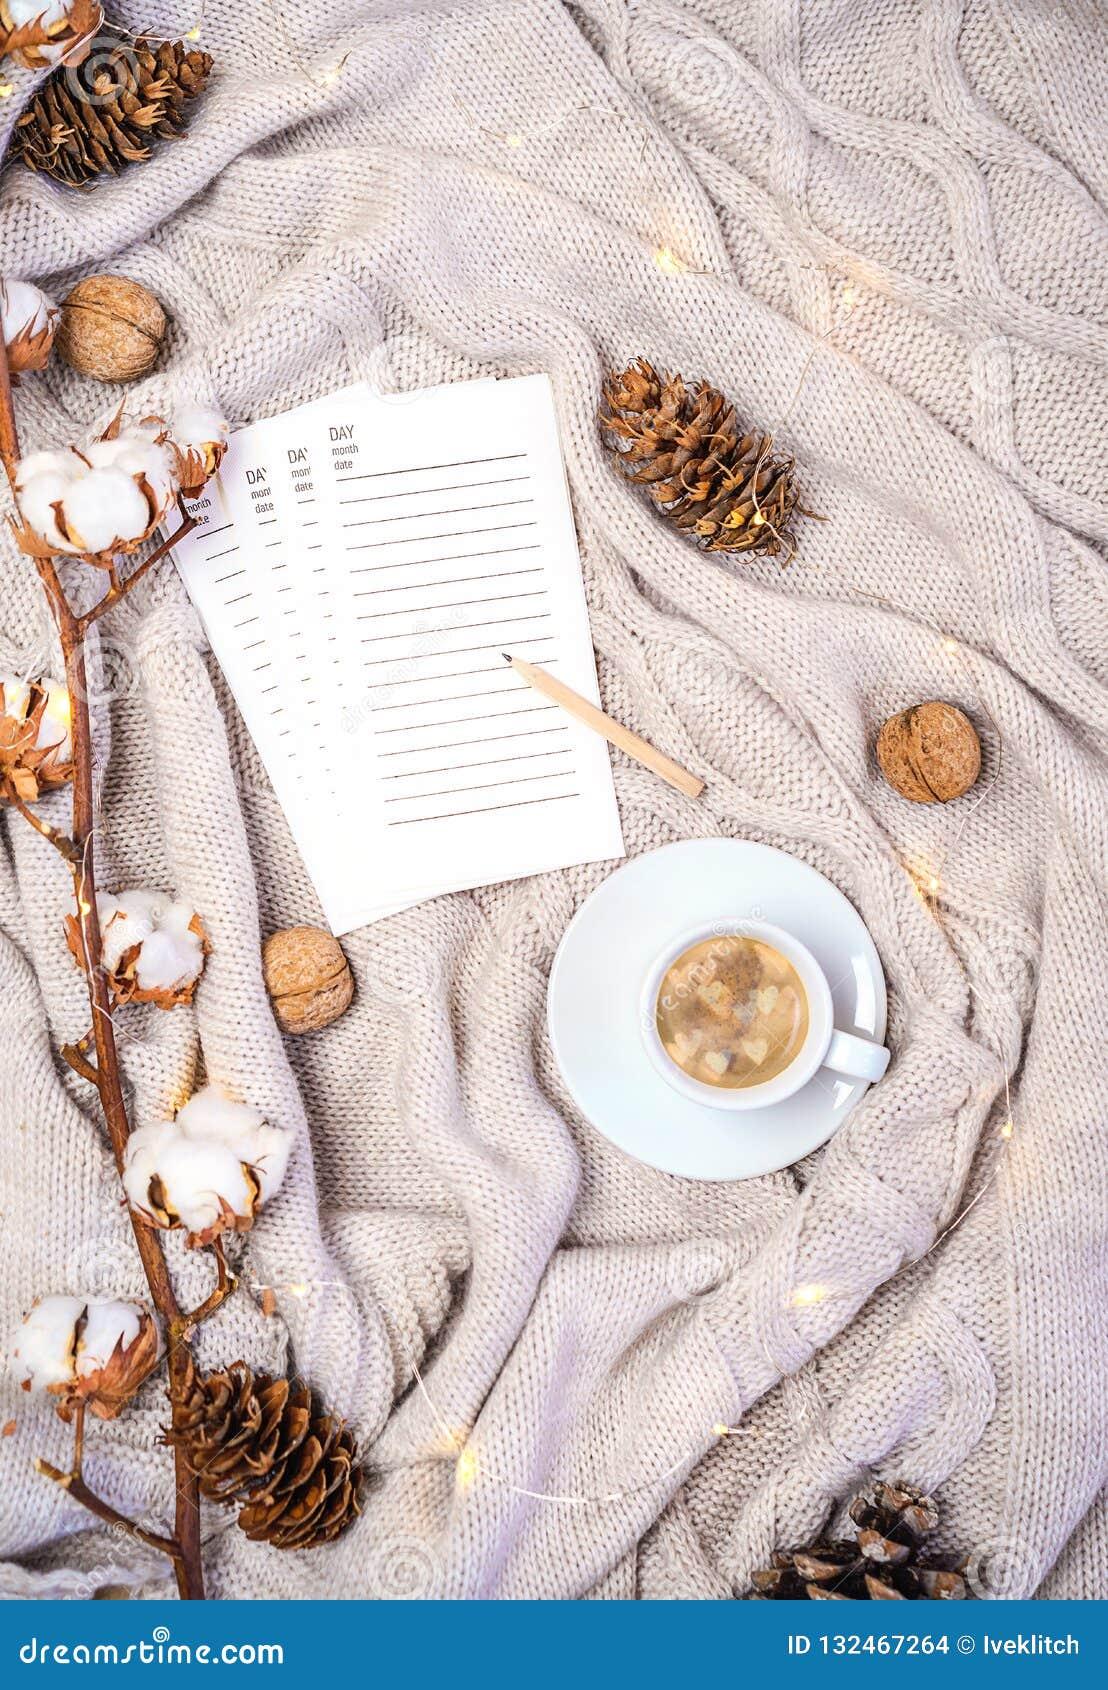 Kop van koffie met hartenvormen, pagina s van agenda voor het schrijven van nieuwe plannen of het winkelen giften, tak van katoen